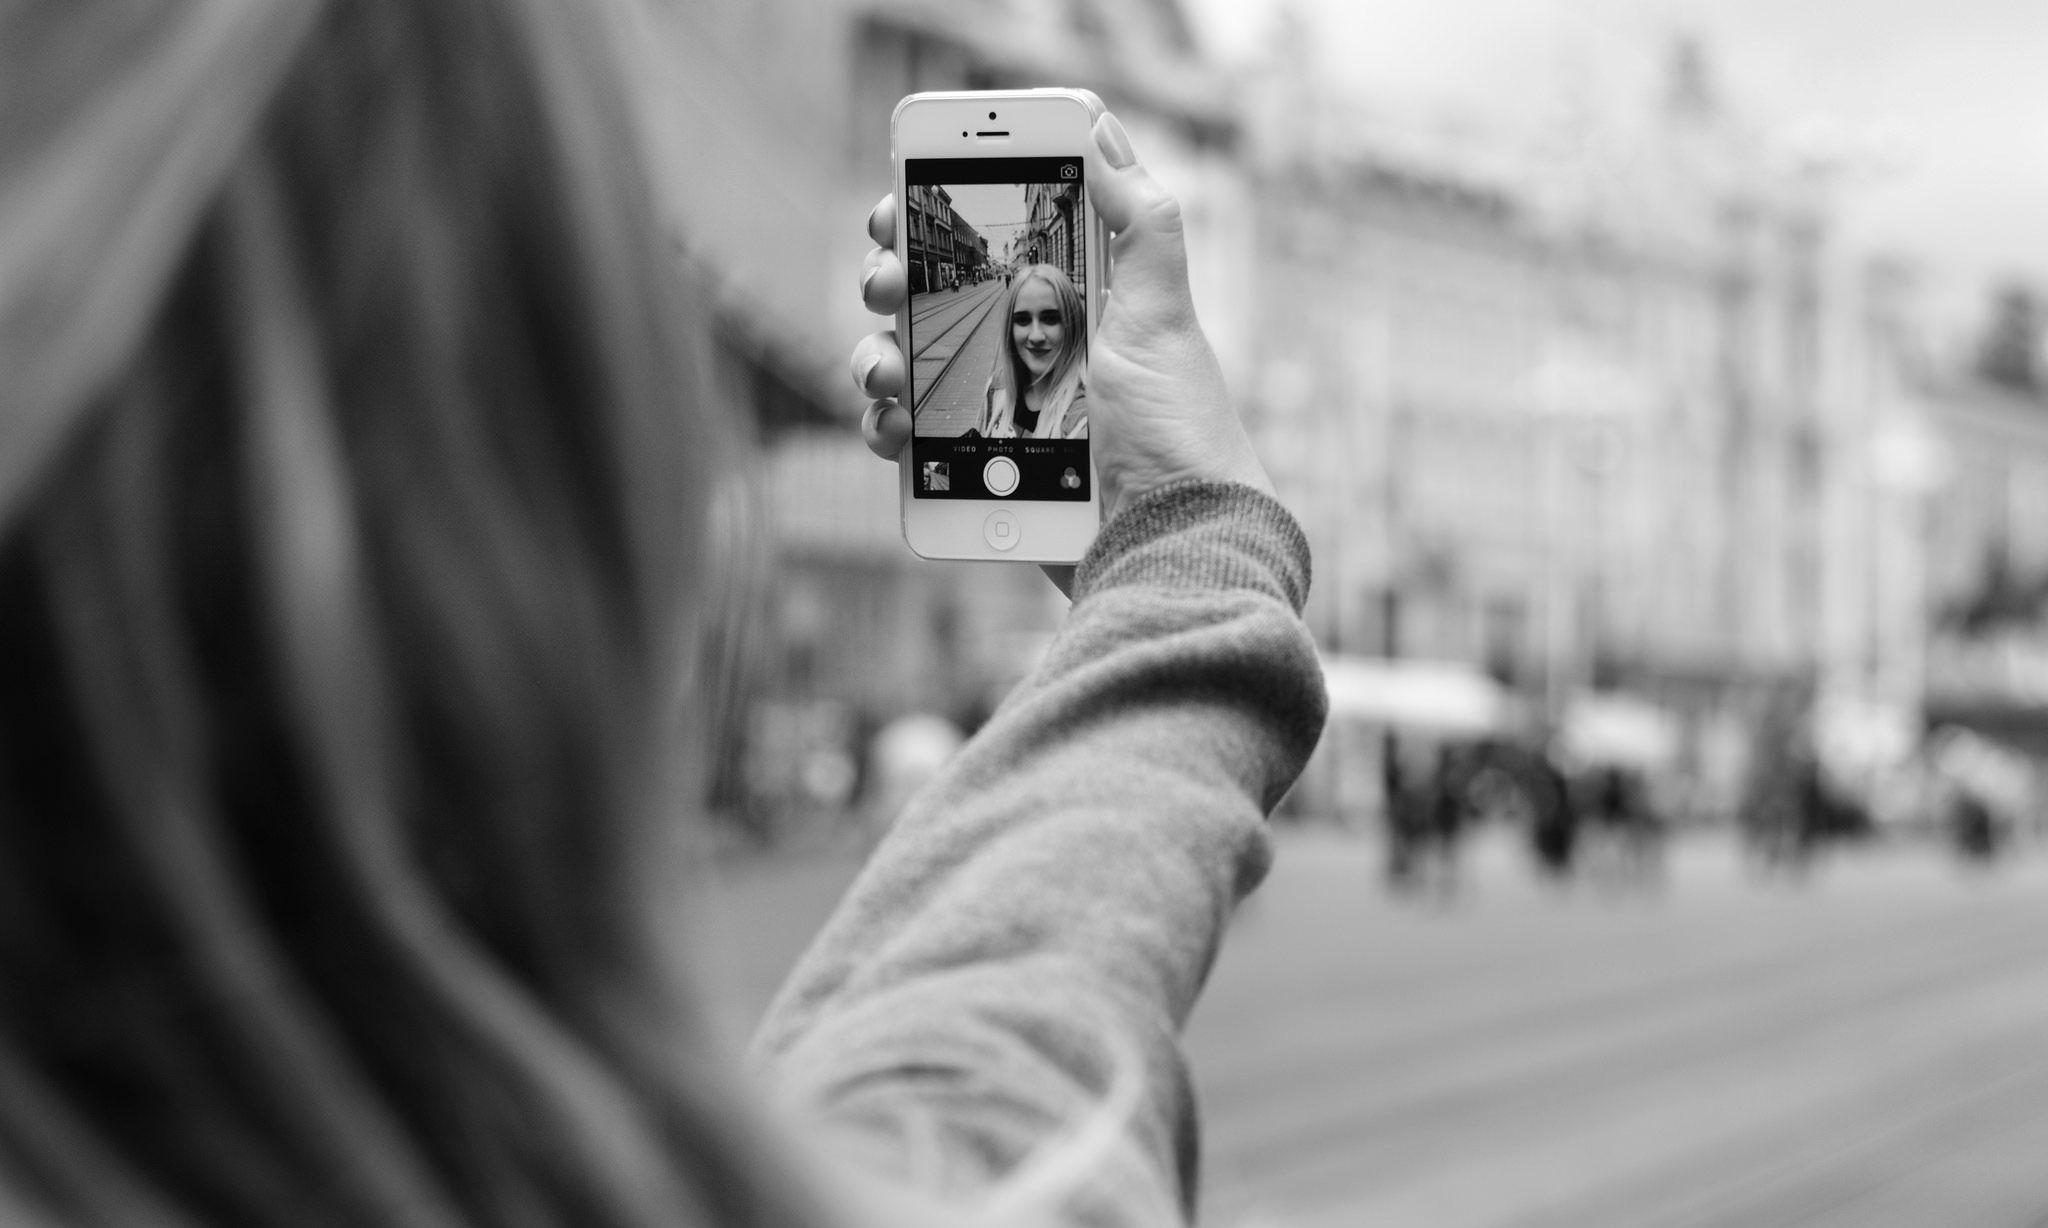 Selfie, 5 trucchi per scattare quello perfetto